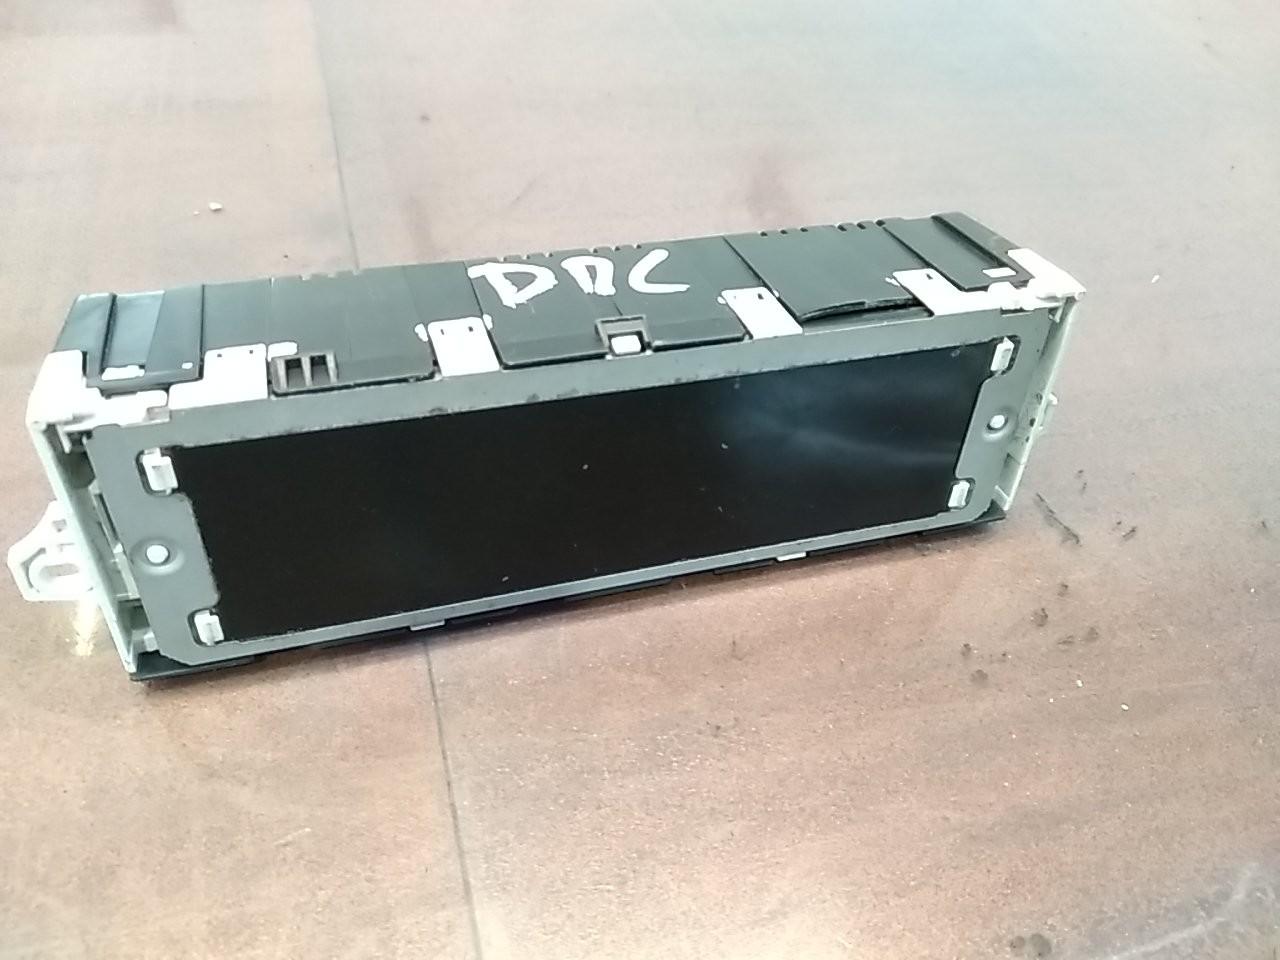 Mostrador de Rádio e Relógio (20404521).